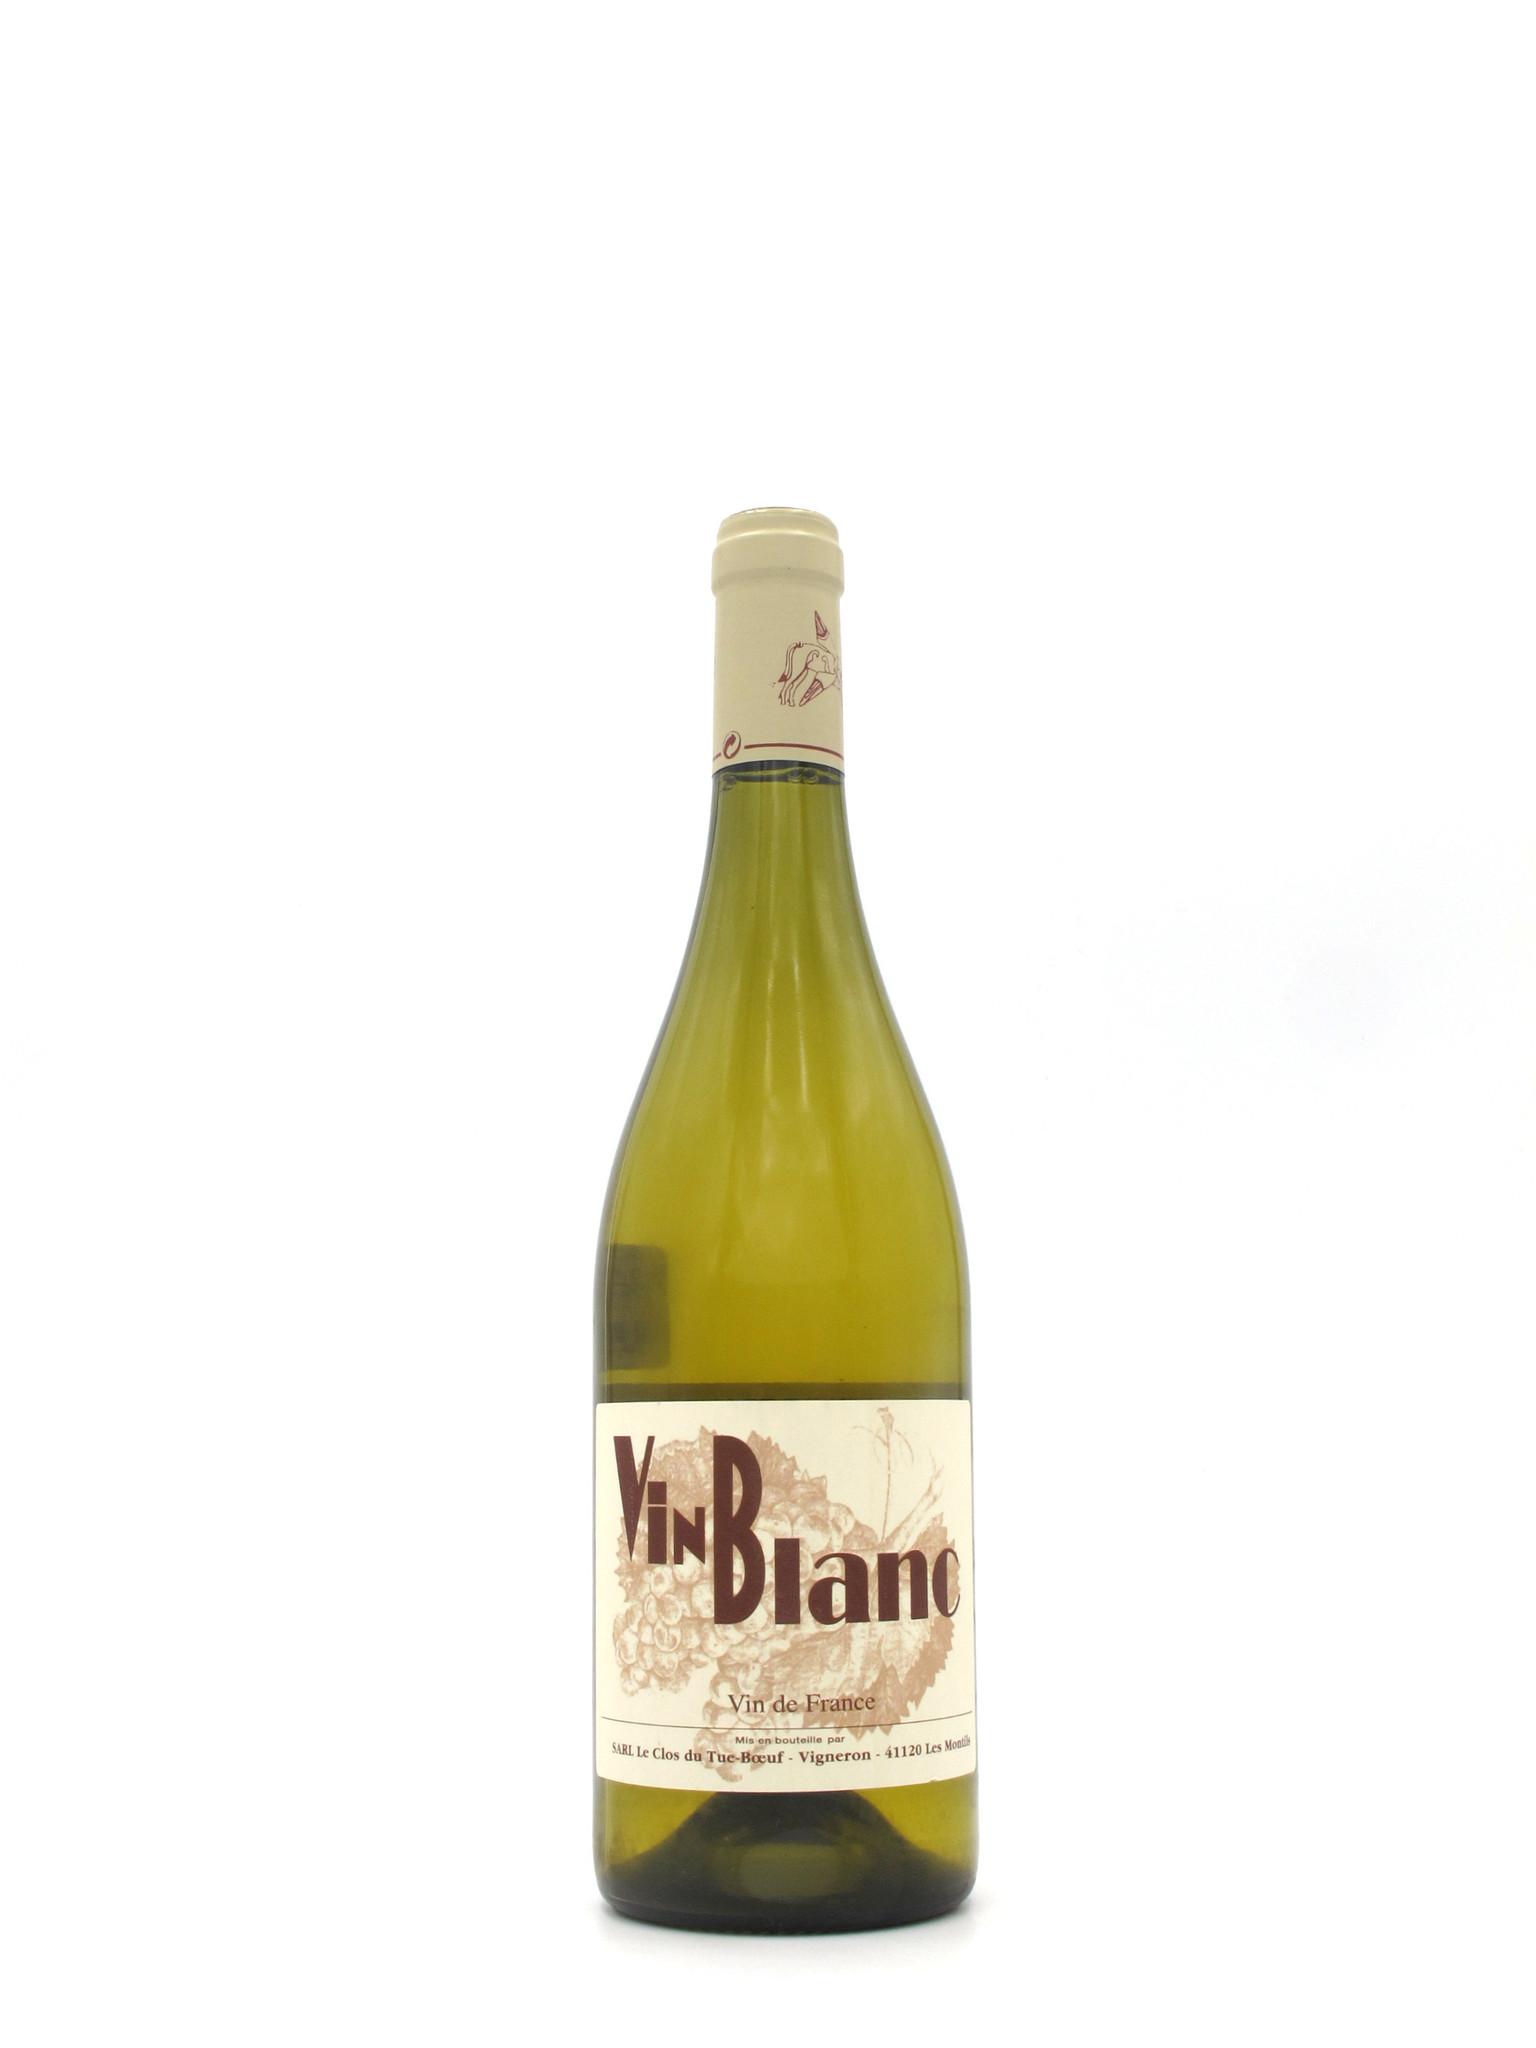 Le Clos du Tue-Bouef 2019 Clos du Tue-Boeuf 'Vin Blanc' 750ml